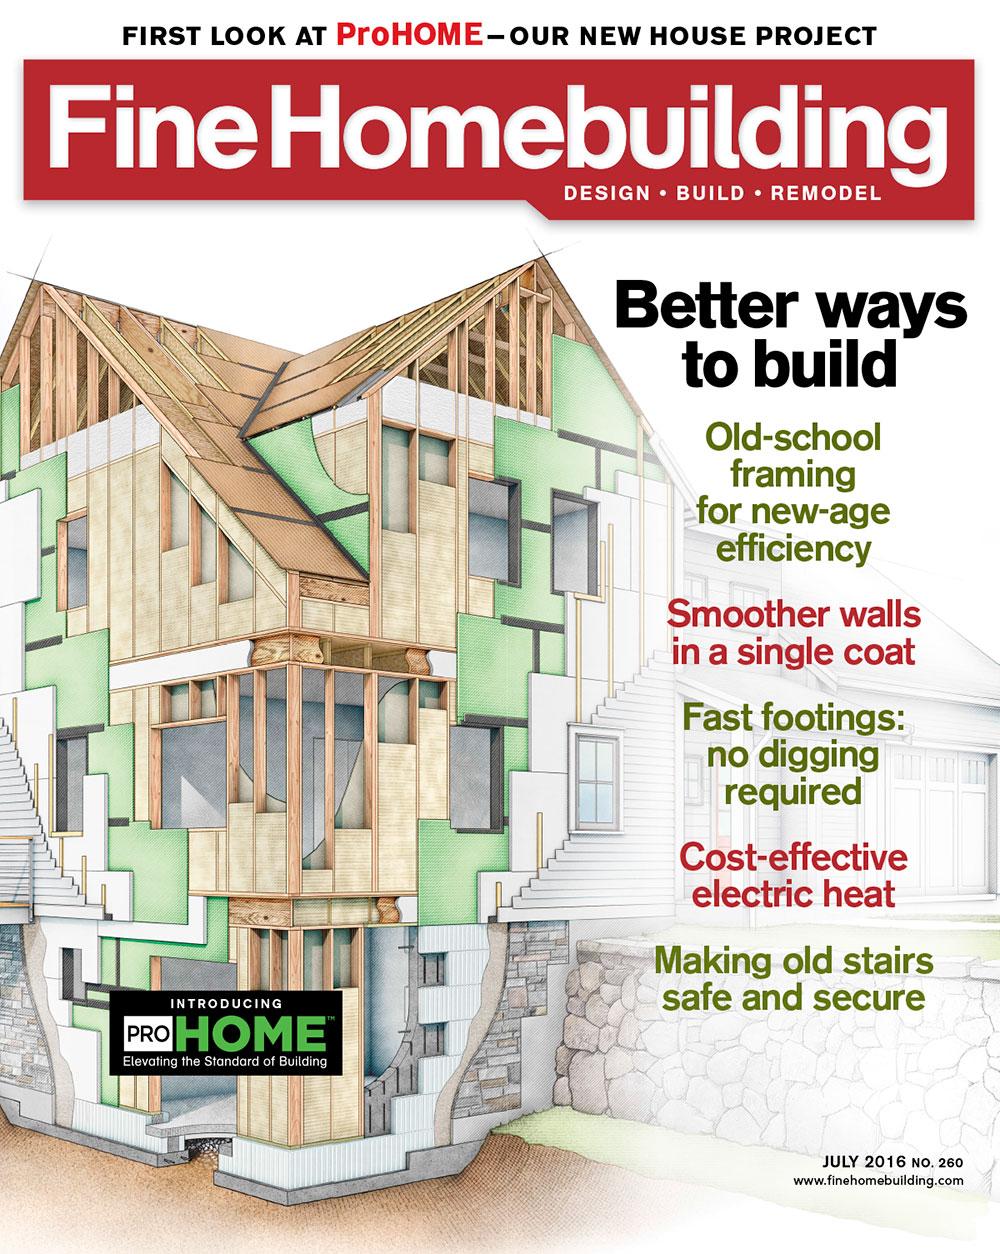 fine homebuilding media kit home fine homebuilding media kit